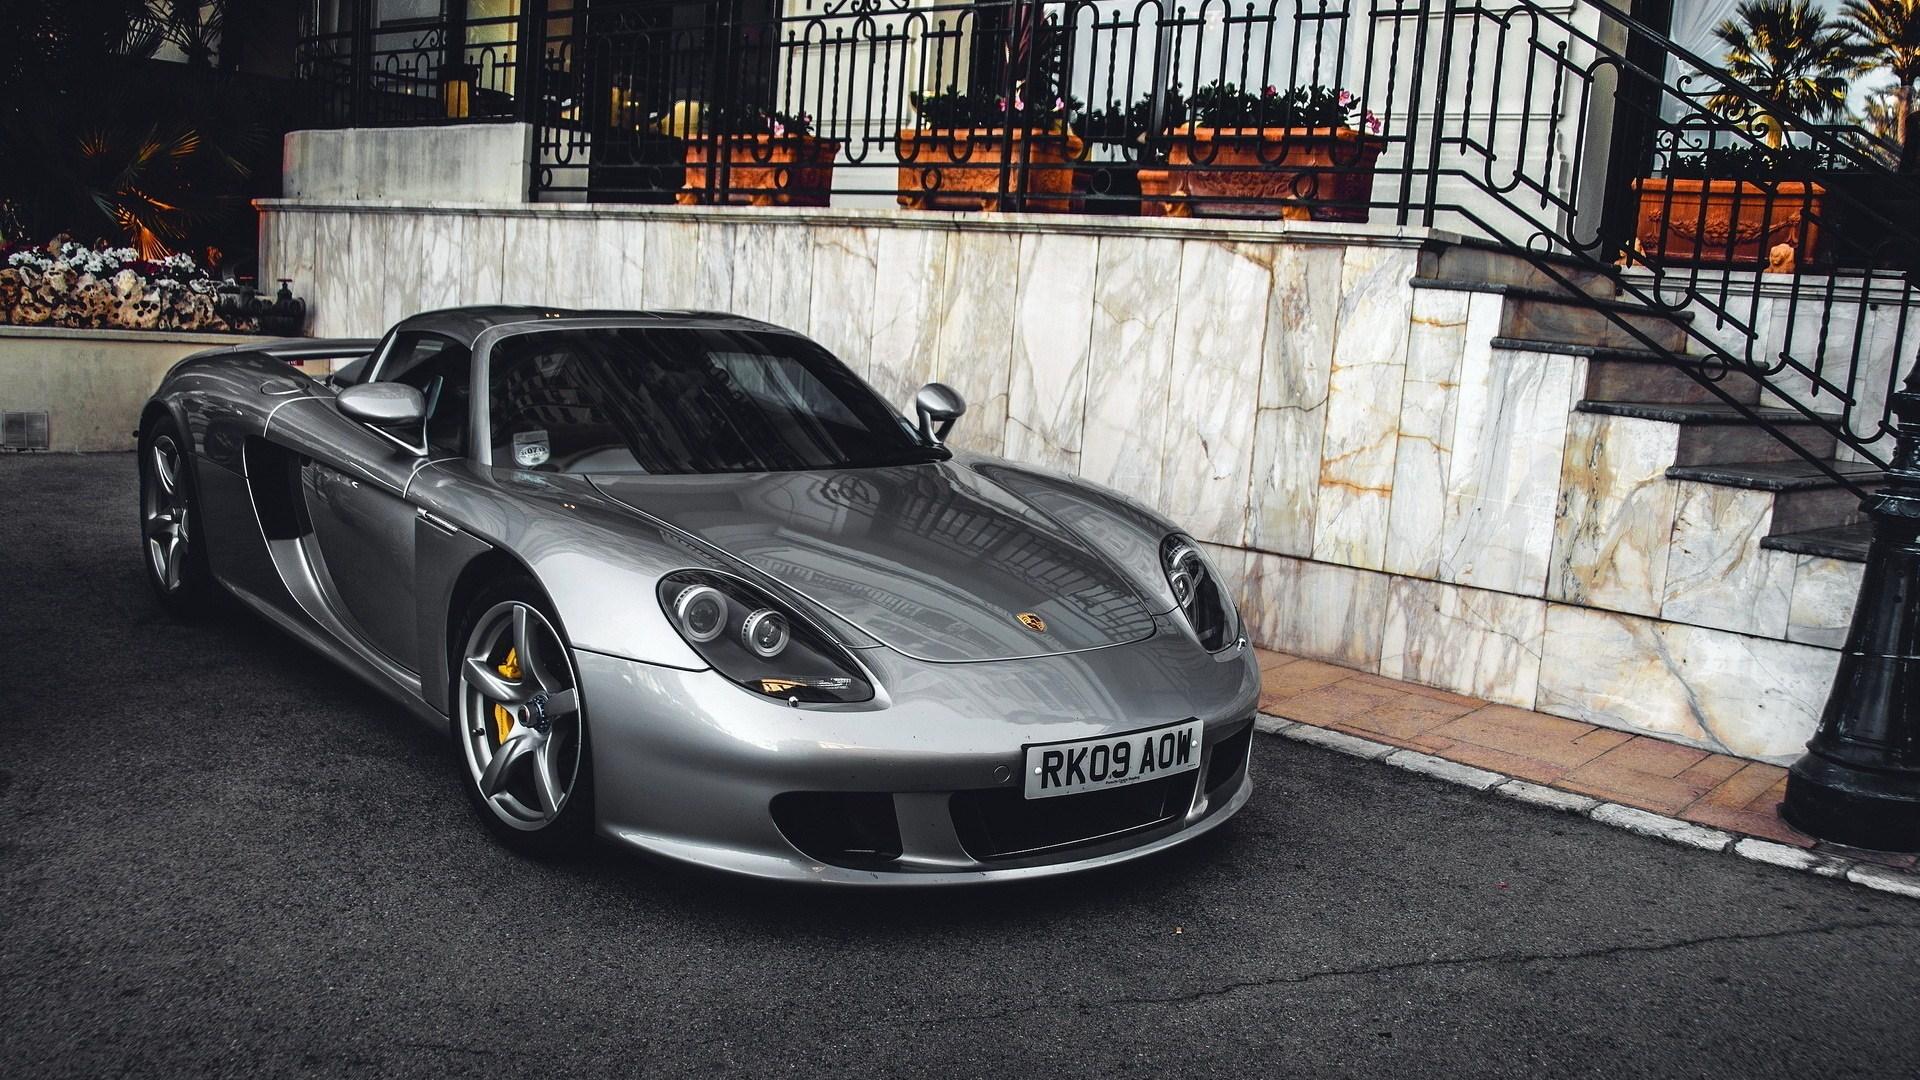 Porsche Carrera GT Exotic Car